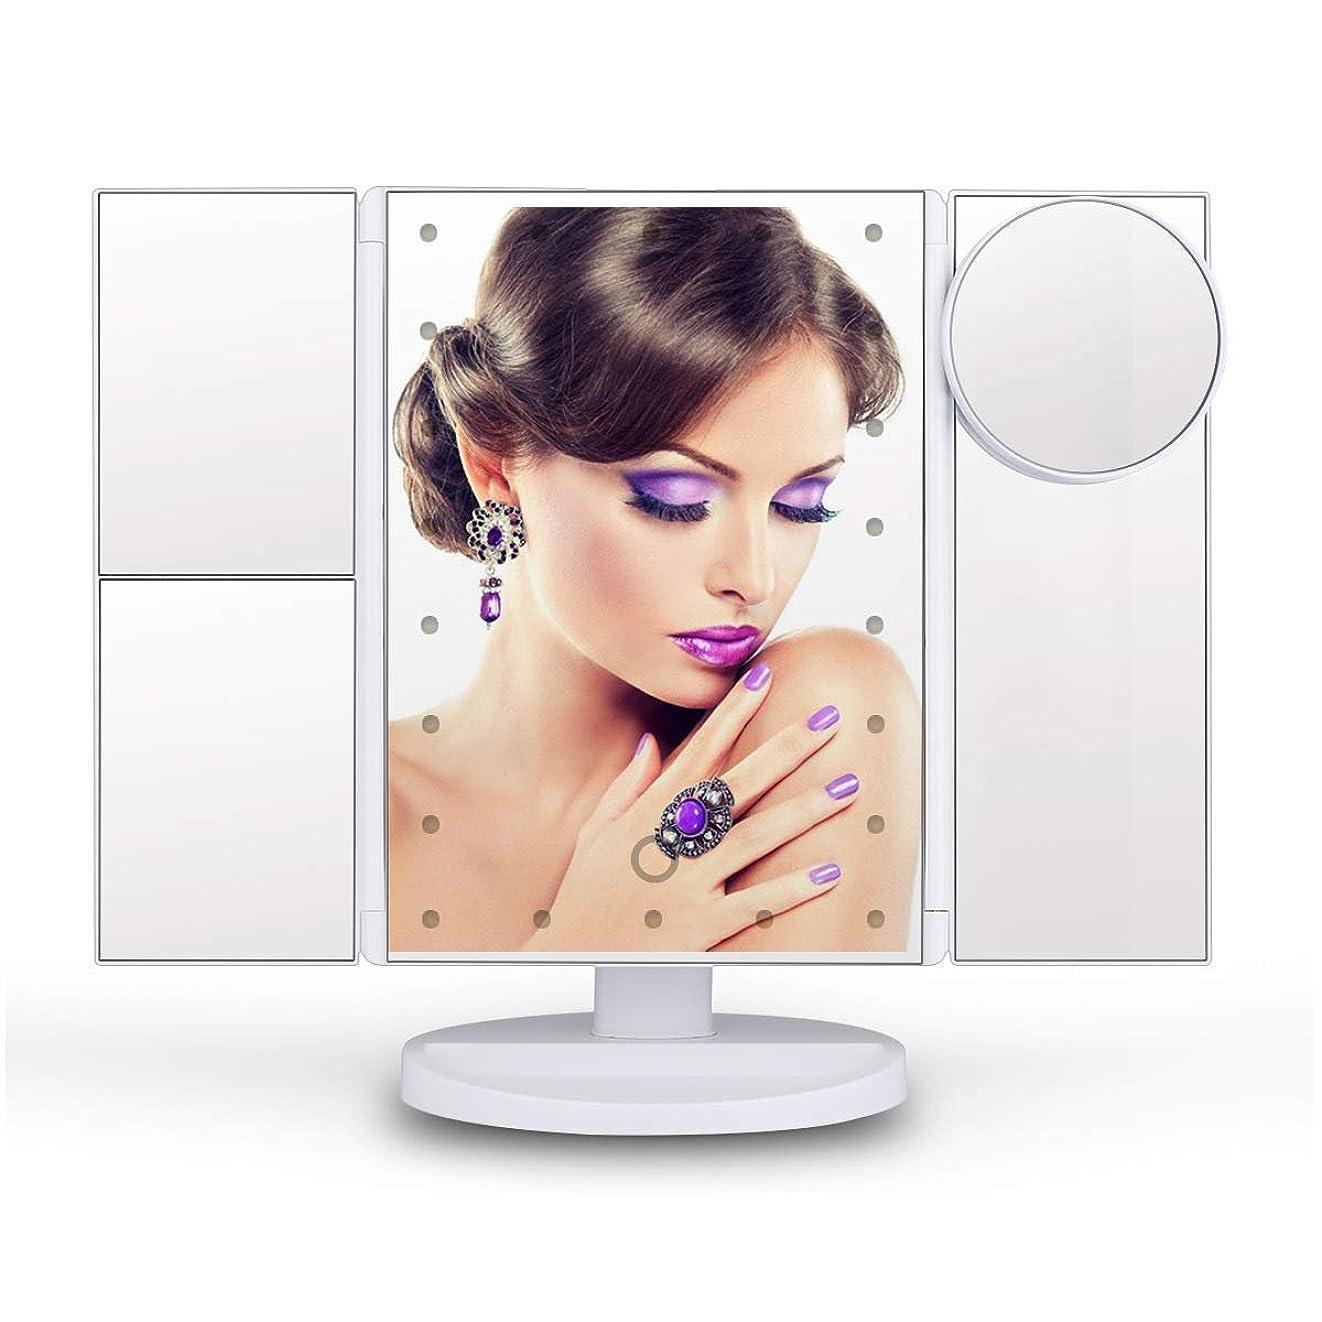 公演アーティキュレーションシリアルDong-WW 鏡 カウンター化粧品メイクアップミラー用180度調節可能なスタンド充電ライトアップ化粧メイクアップミラー、LEDライトタッチスクリーンとUSB